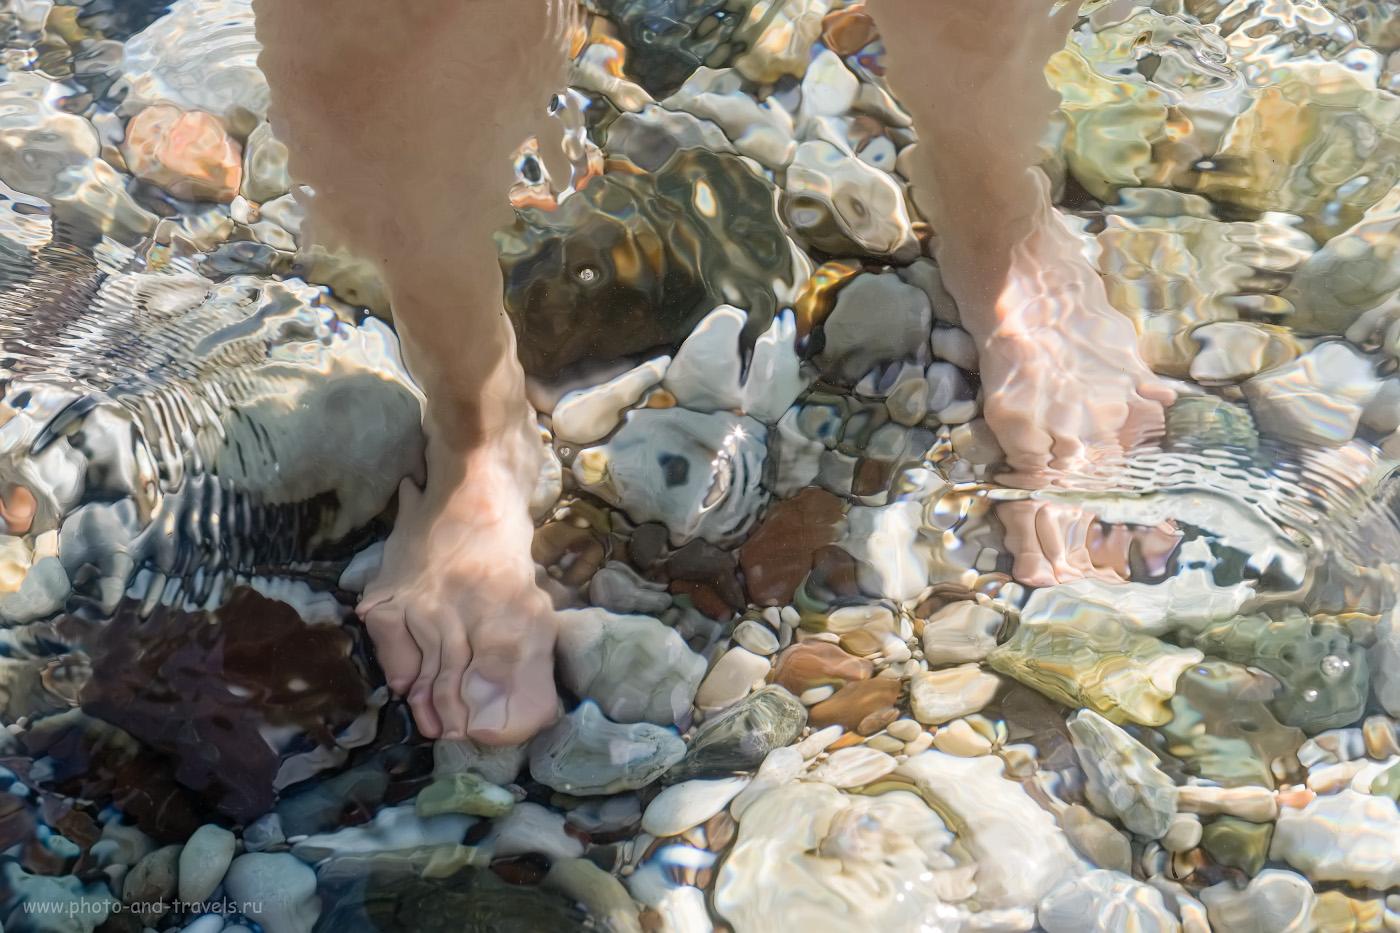 Фотография 19. Благодаря галечному дну вода на пляже Чиралы прозрачная, как стекло. 1/350, 7.1, 200, -0.33, 55.